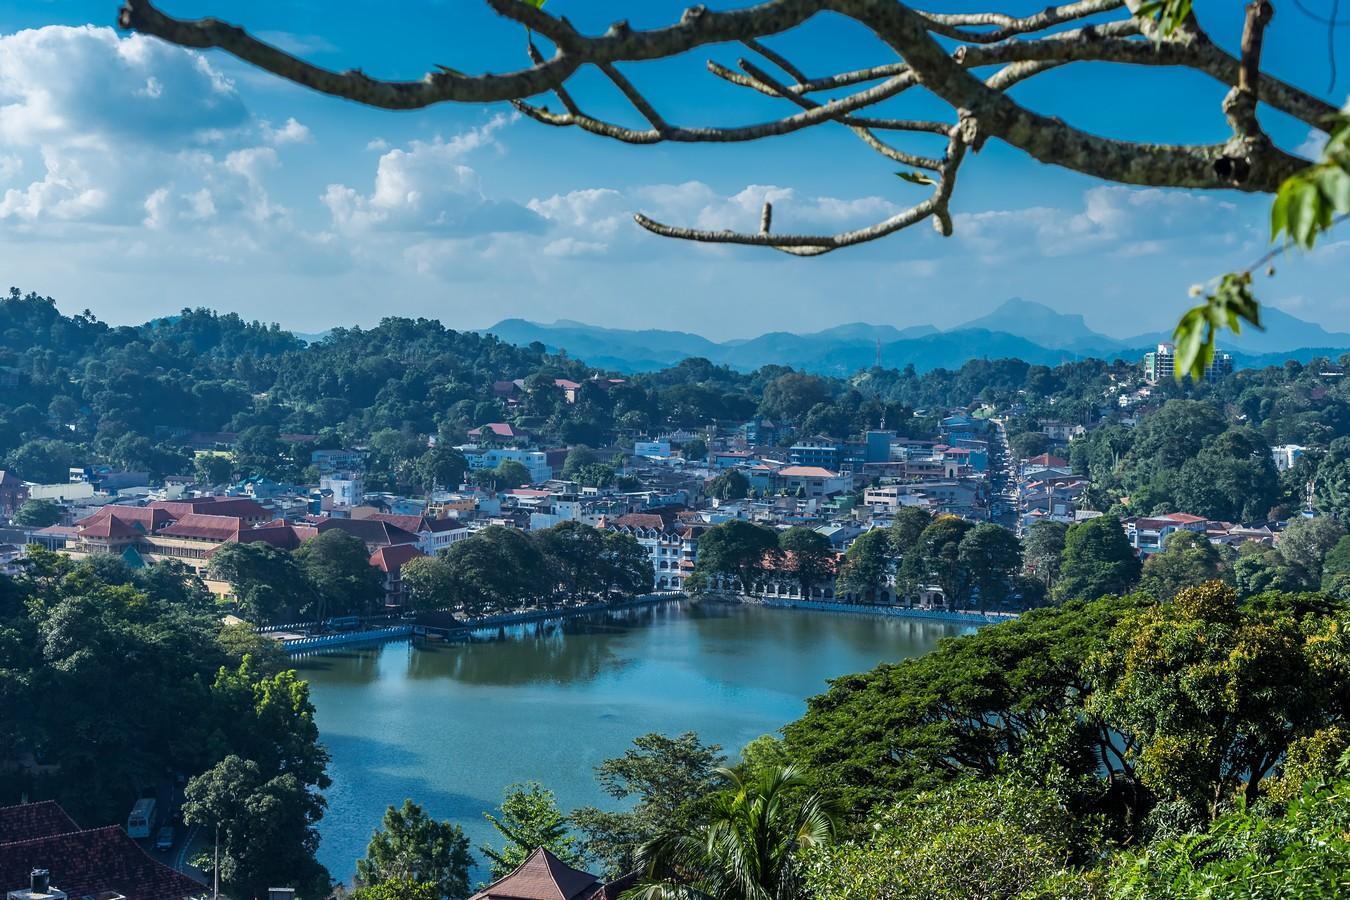 Шри-Ланка. Часть 4. Канди. Место для свиданий с неприличными растениями и купание черного слона.